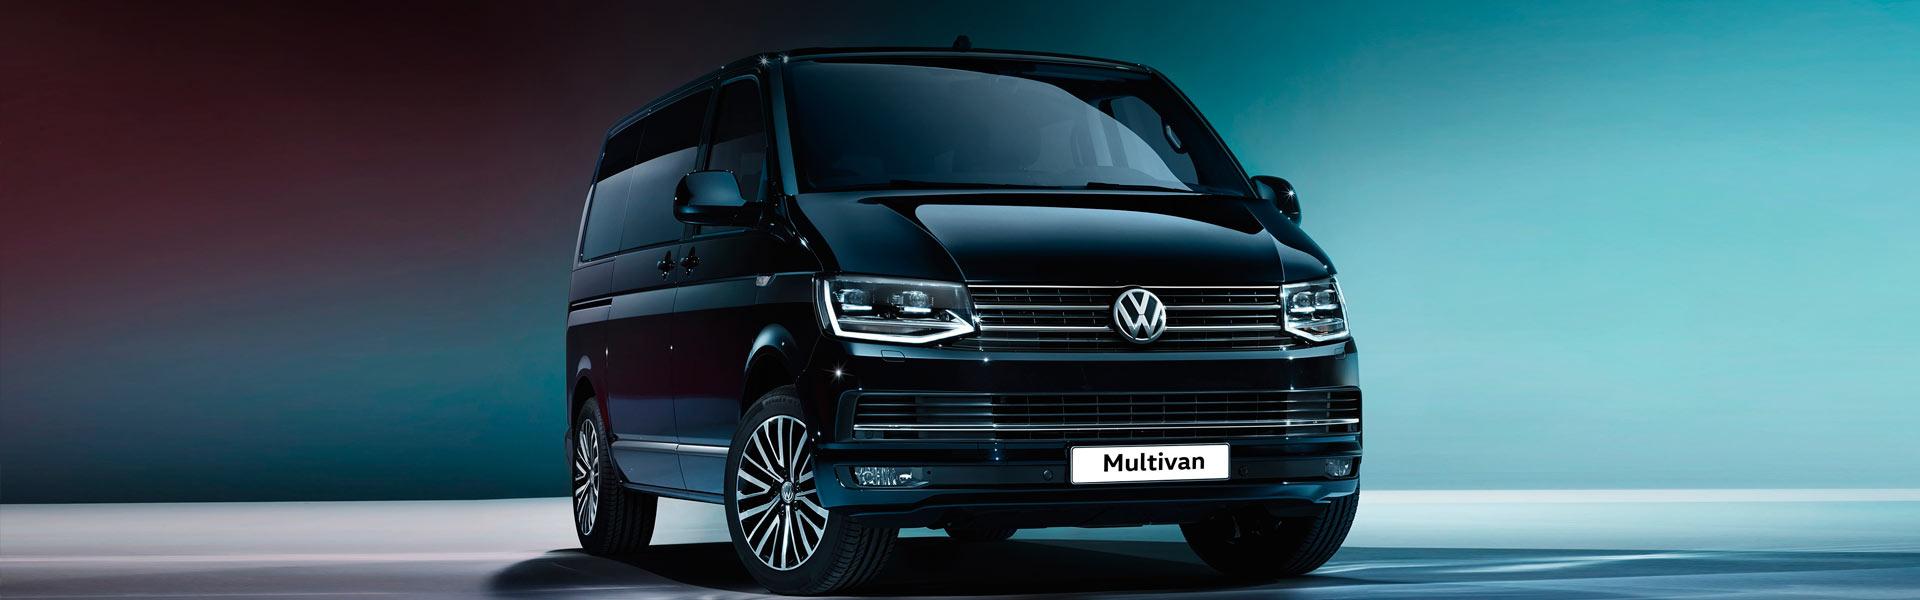 Запчасти на Volkswagen Multivan